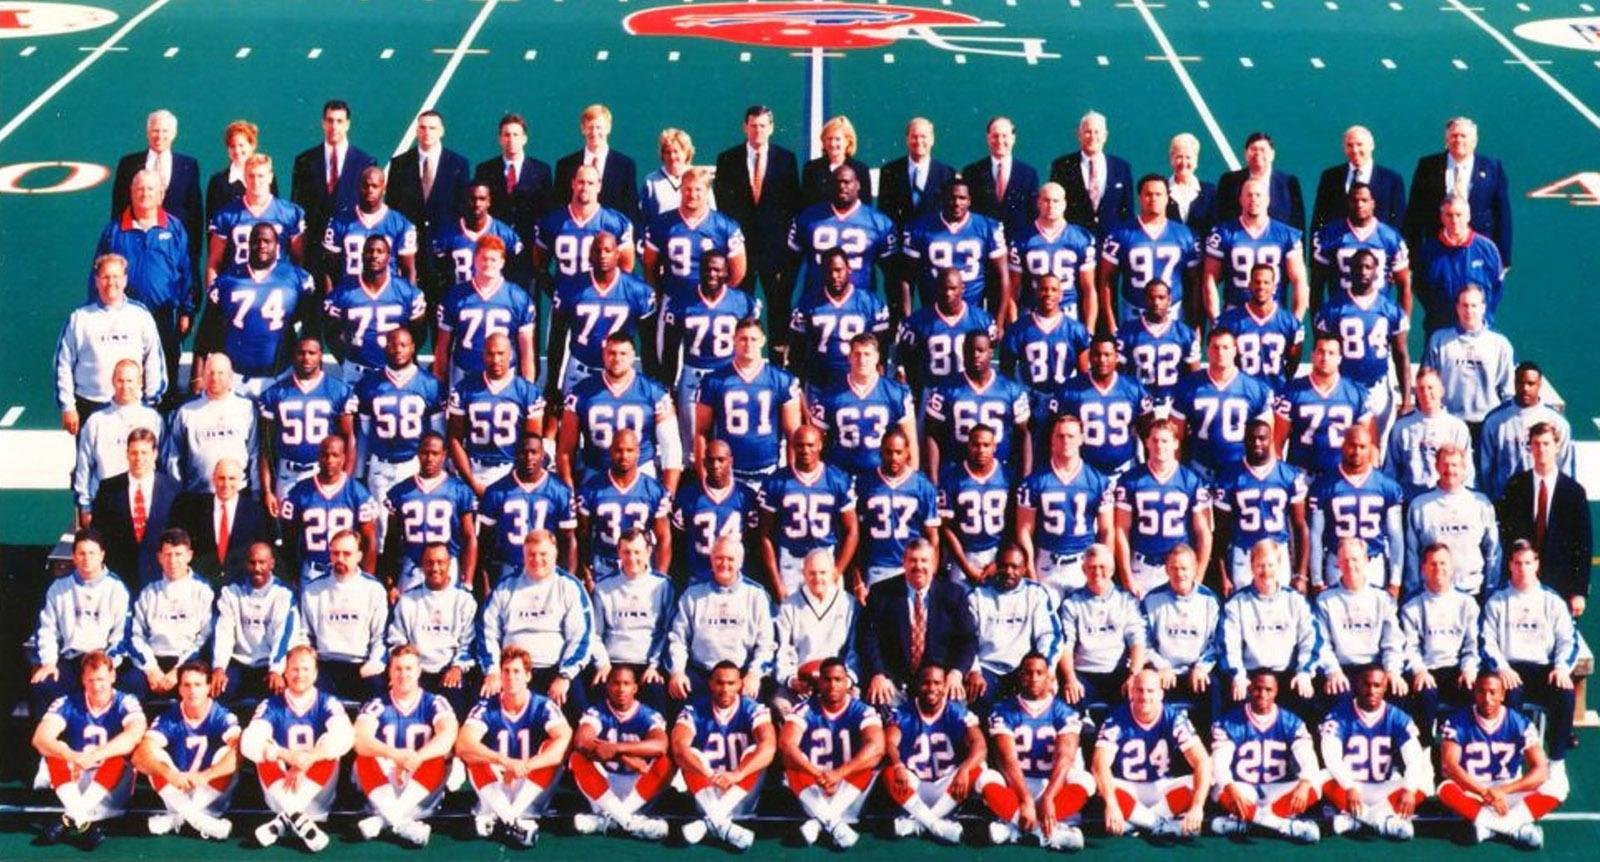 Buffalo-bills-1999-team-photo1